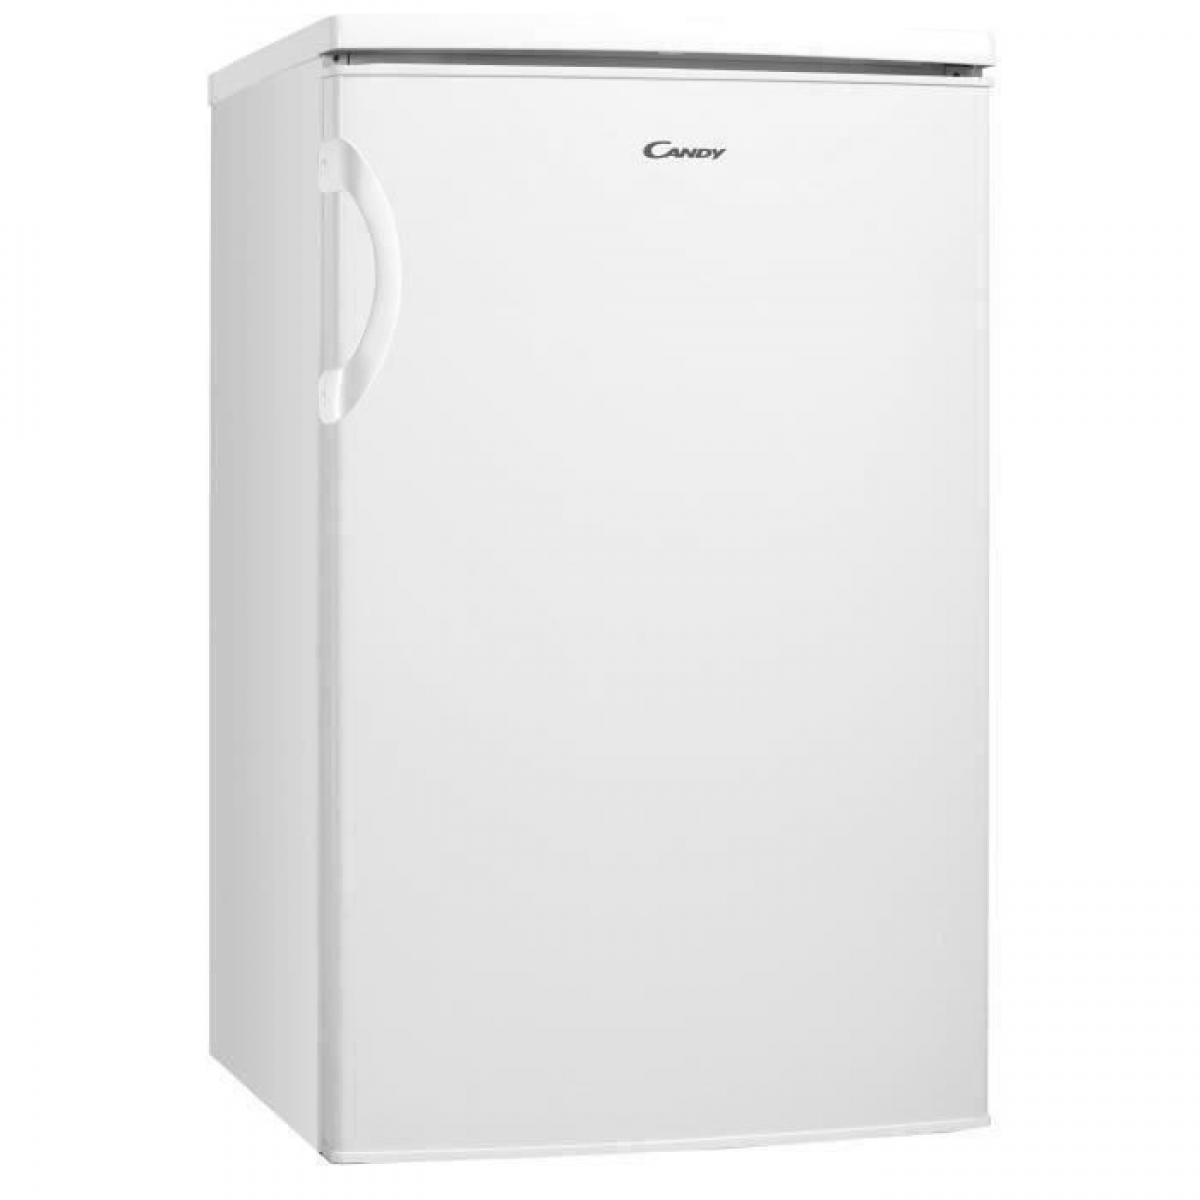 Candy CANDY CCTOS 502WHN - Refrigérateur Table Top - 97L (83L + 14L) - A+ - 50cm x 84 cm - Blanc